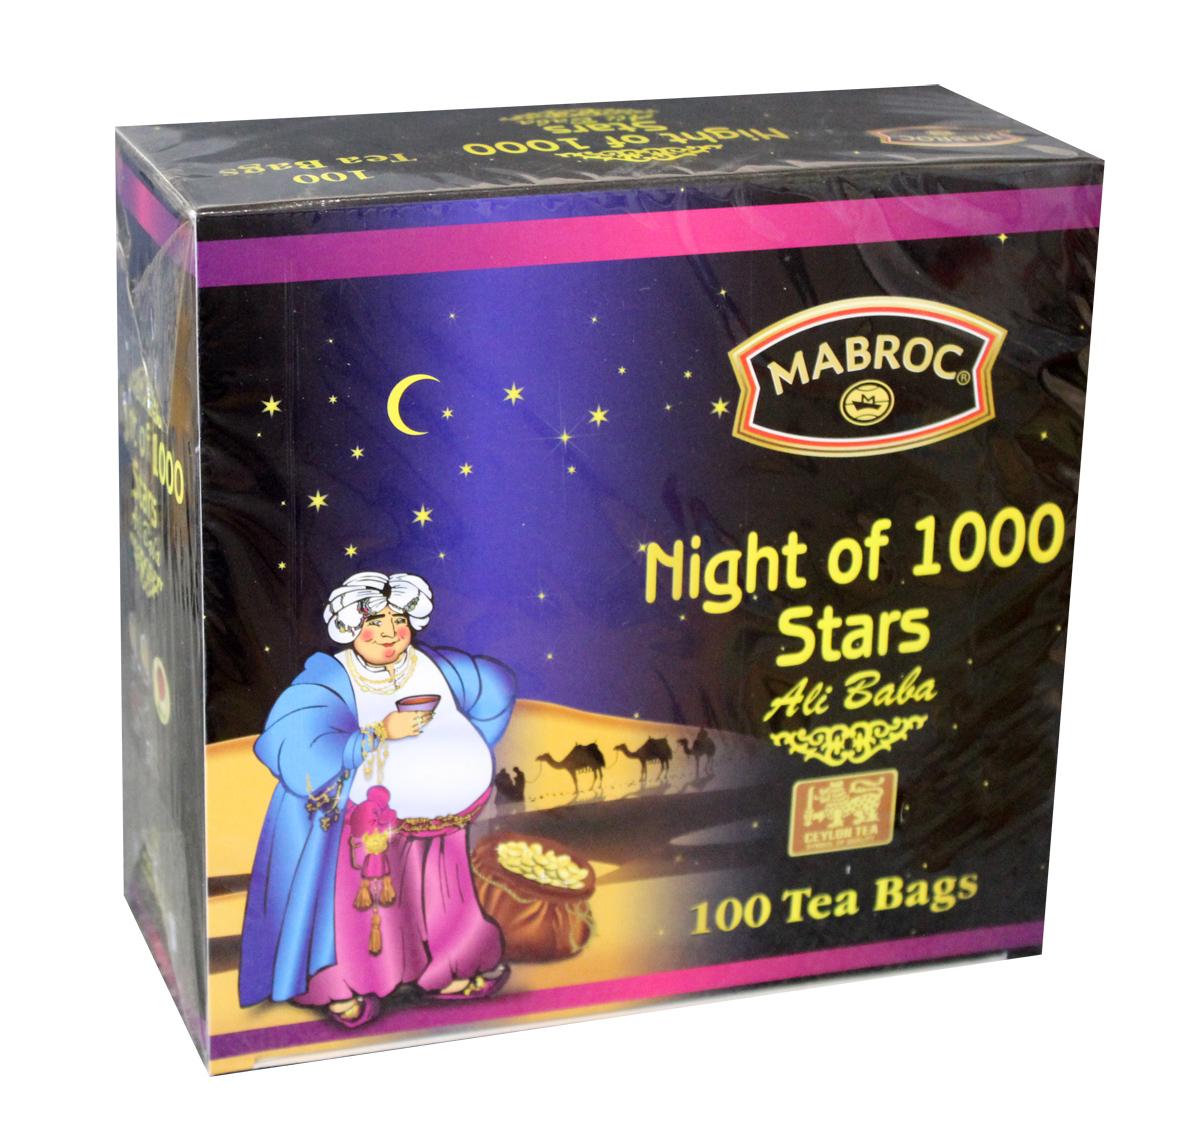 Mabroc Древние легенды. Ночь 1000 звезд чай черный в пакетиках, 100 шт4791029004778Коллекция «Древние легенды», Ночь 1000 звезд (1001 ночь). Эта коллекция является визитной карточкой Маброк и включает в себя наиболее престижные, известные и дорогие сорта. Это удивительный ассортимент чаев с плантаций Маброк, со вкусом, одновременно подходящим для сибирского климата и передающий изысканный вкус Востока.Смесь черного и зеленого чай с ароматом клубники, с цветами апельсина, ноготков, лепестками роз.Это превосходное сочетание черного чая, выращенного в низинных районах Сабарагамувы, и зеленого, растущего высоко в горах Нувара Элии. Прохлада ветров и солнечного тепло, которым ласково укутаны все растения этого района дарит чаю особенный сладкий вкус, усиленный клубничной вытяжкой, лепестками розы и ноготков.